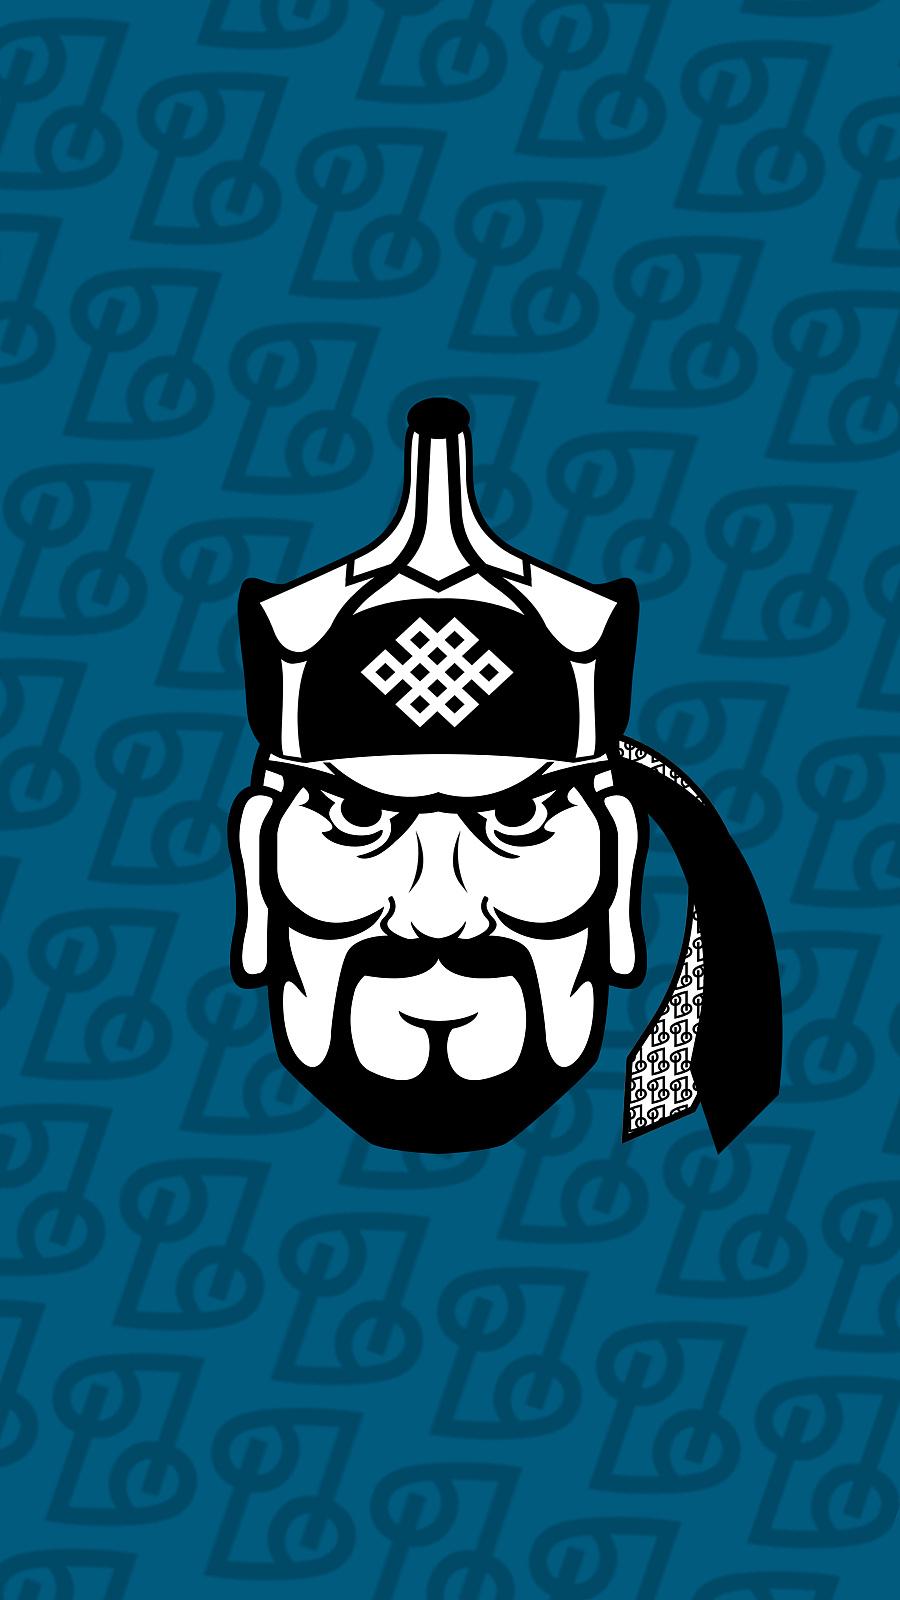 蒙古元素手机壁纸|图形/图案|平面|作图怪伊